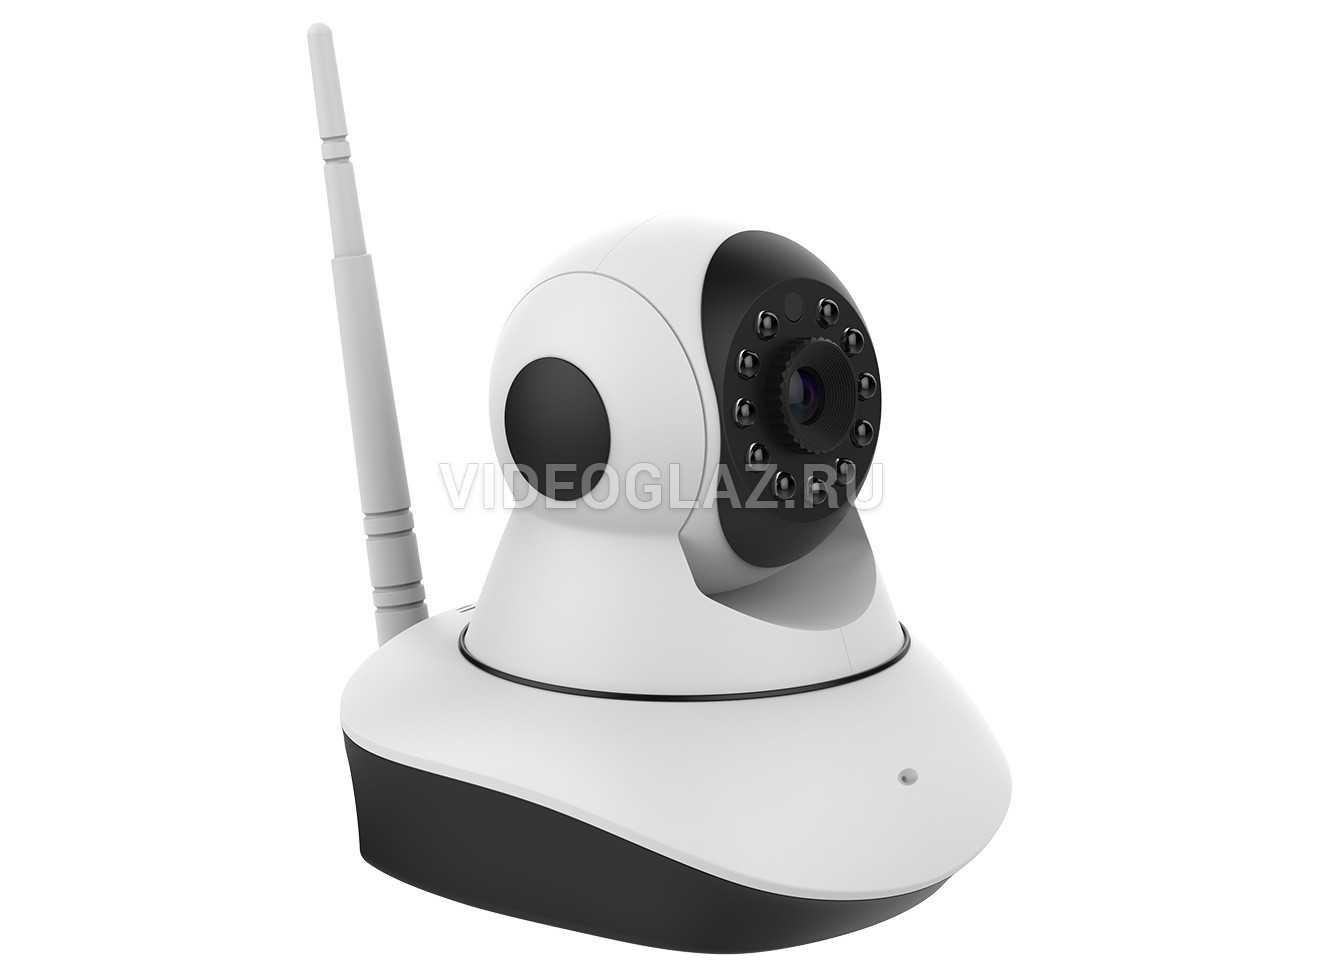 Видеокамера Rubetek RV-3403